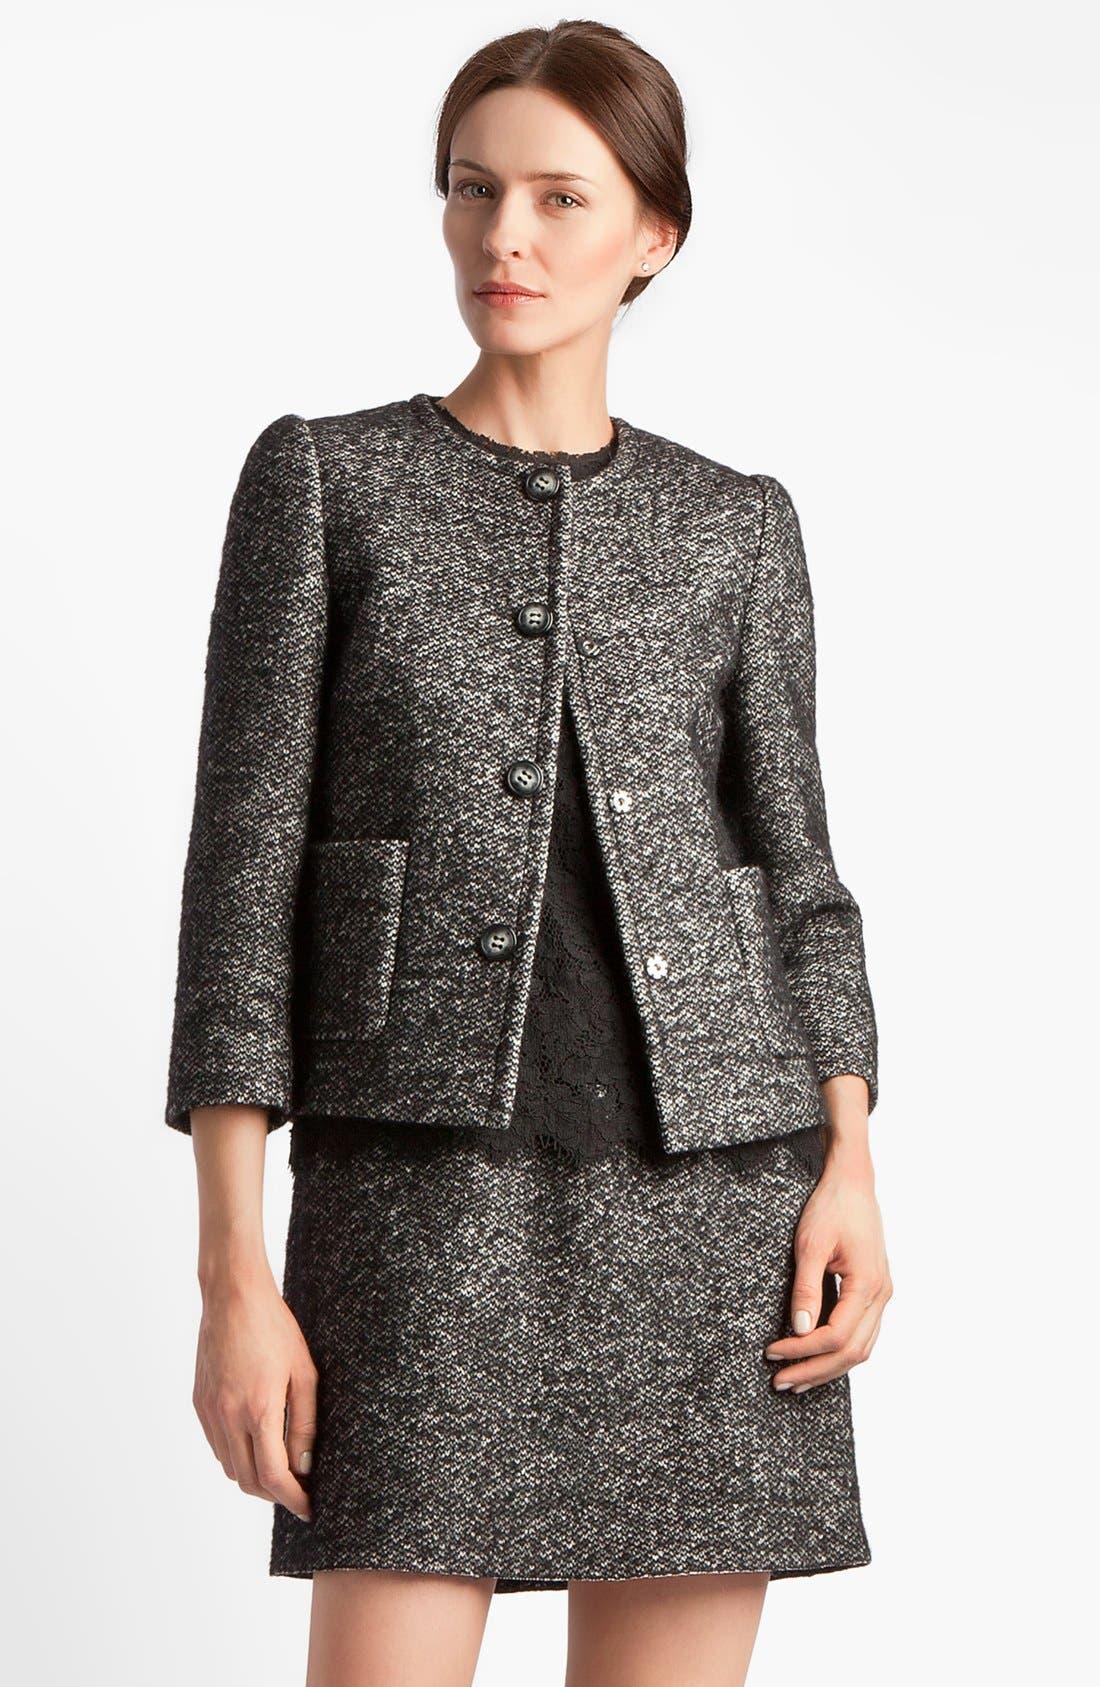 Alternate Image 1 Selected - Dolce&Gabbana Collarless Tweed Jacket